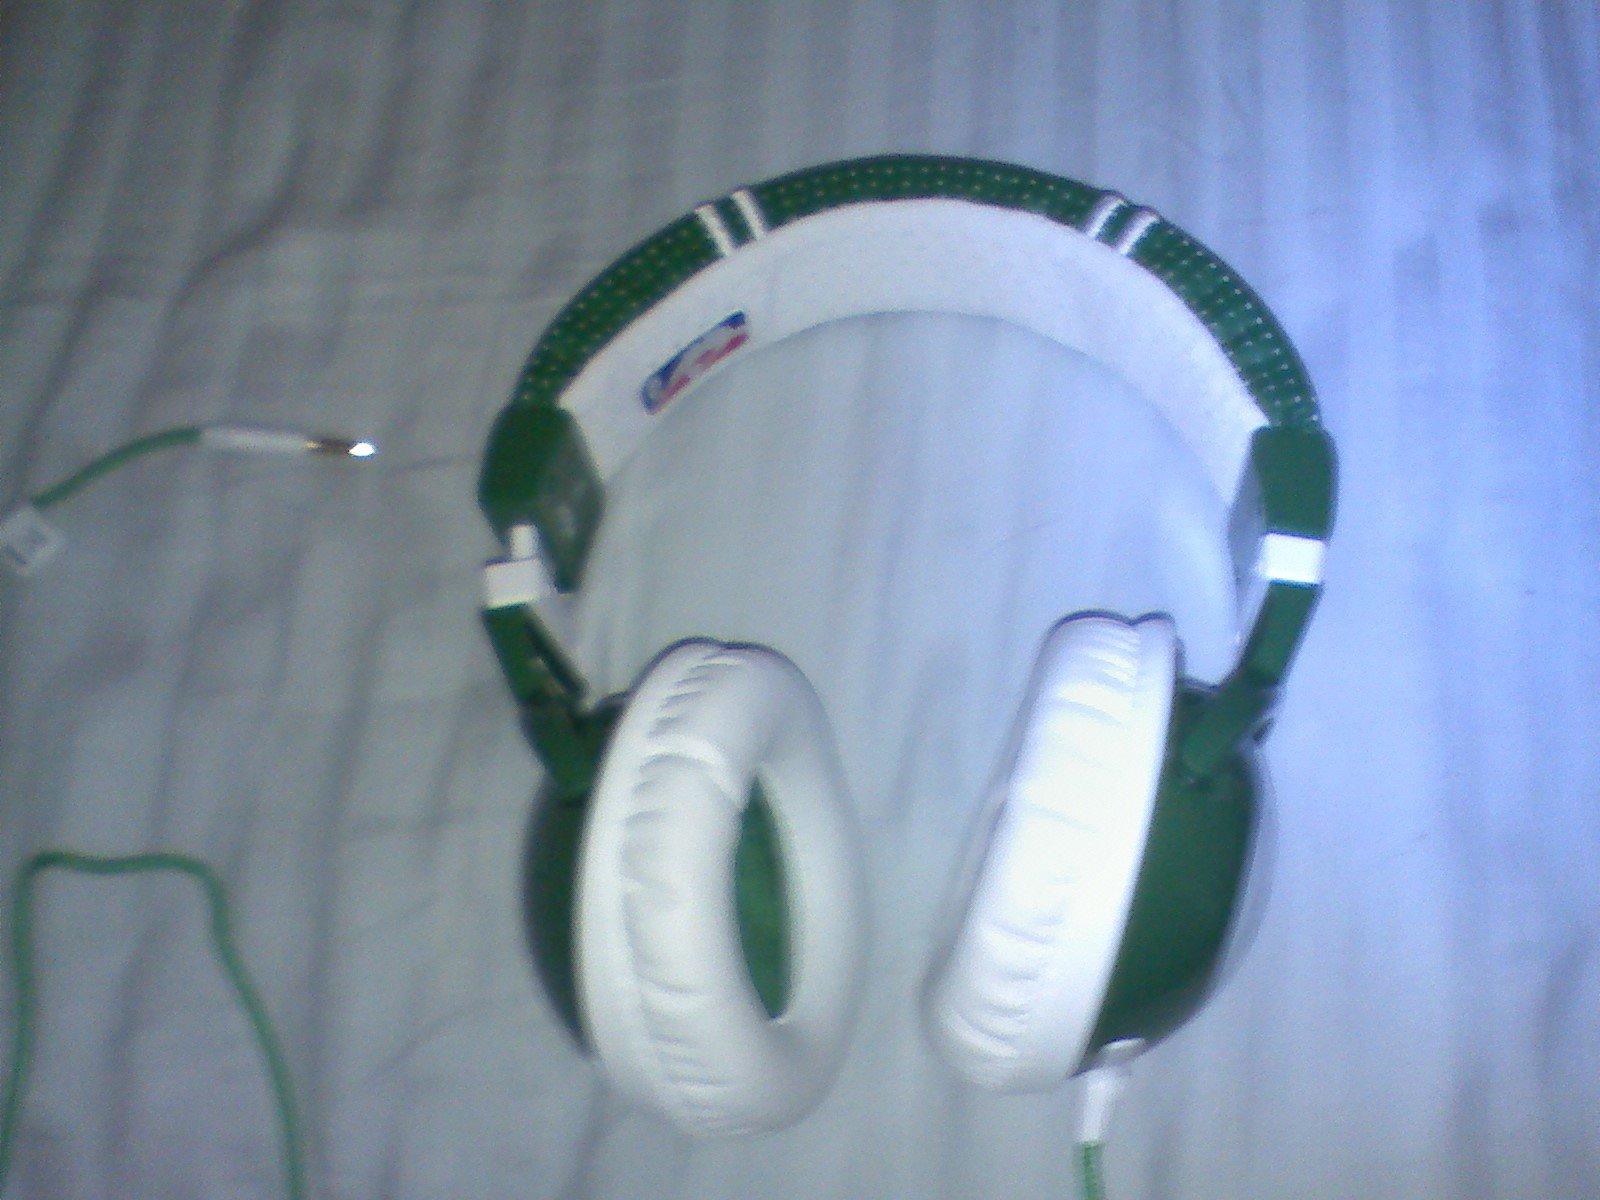 Skullcandy Celtics headphones (Garnett)